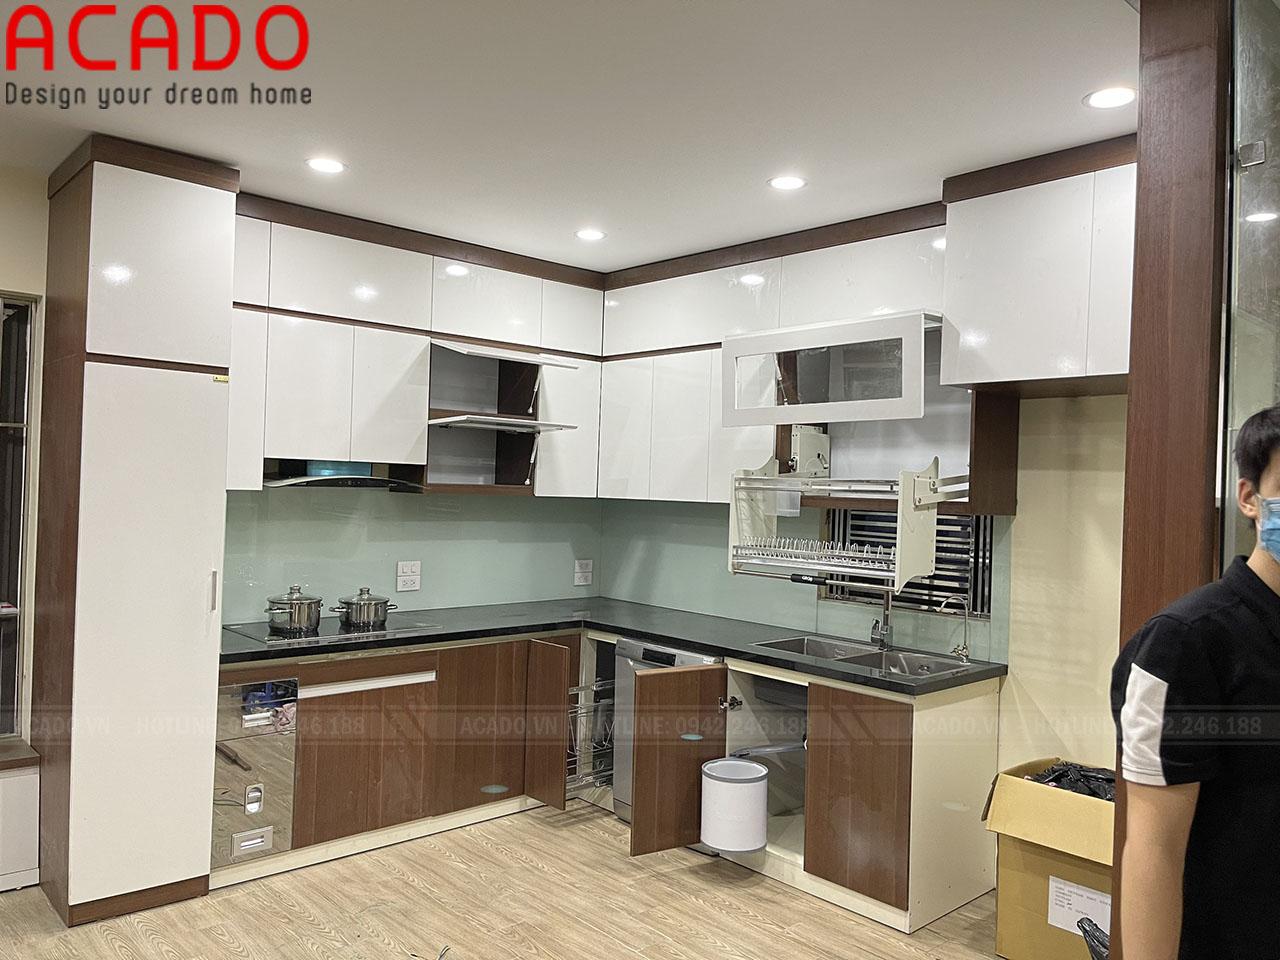 Tủ bếp cánh trắng nổi bật giúp không gian bếp trở lên rộng rãi, lung linh